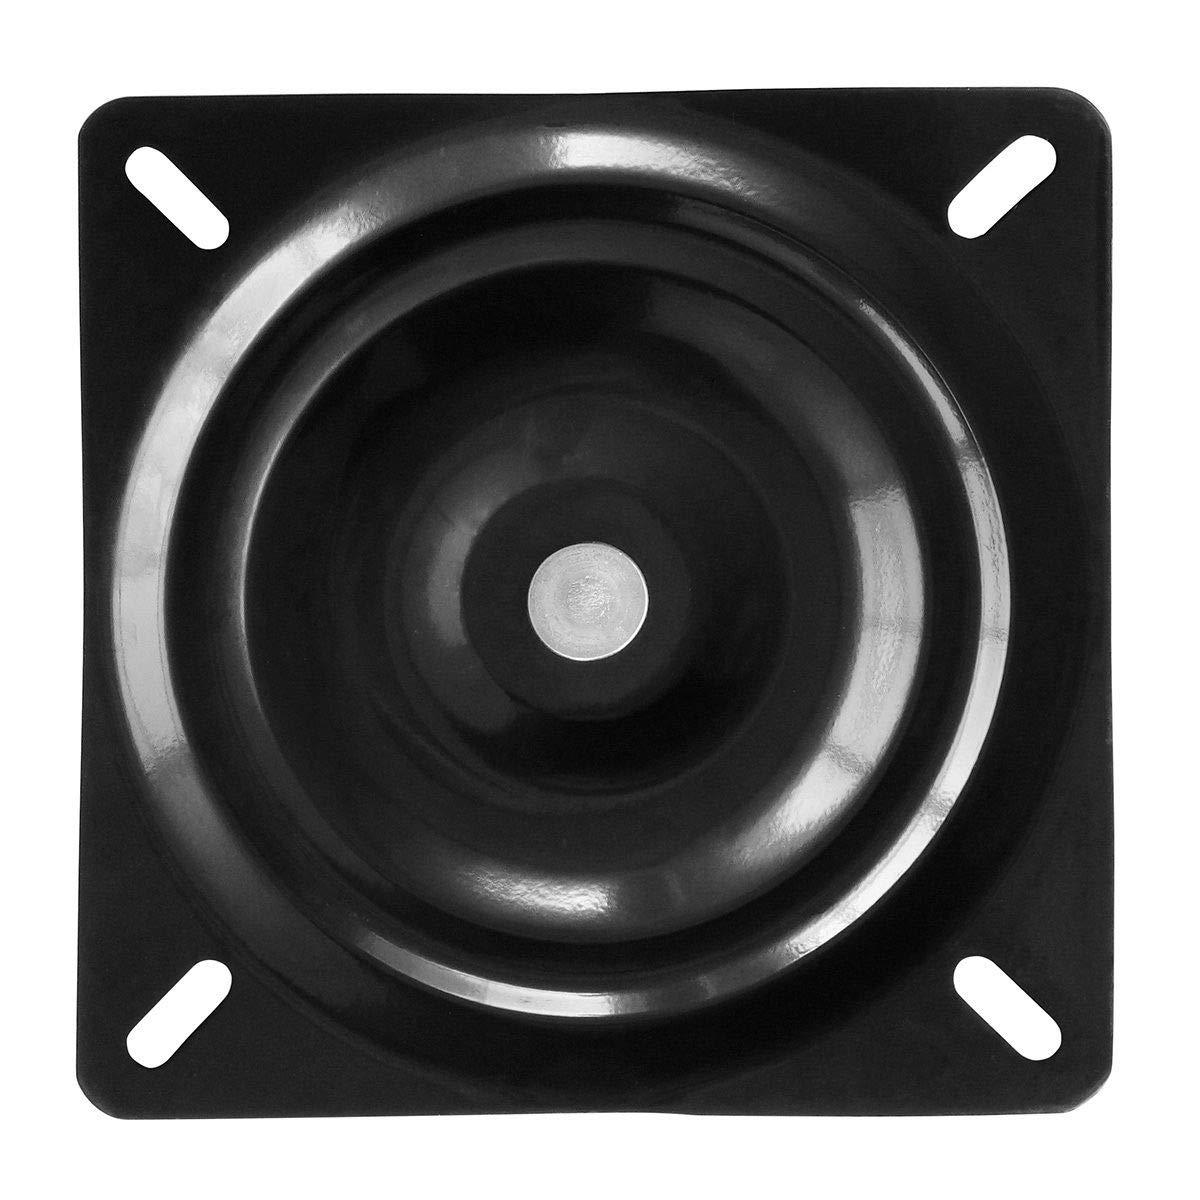 AAGUT 10'' Swivel Plate Bar Stool Swivel Plate Office Replacement Heavy Duty Swivel Base Coated 360 Degree OeSwivelPlate10